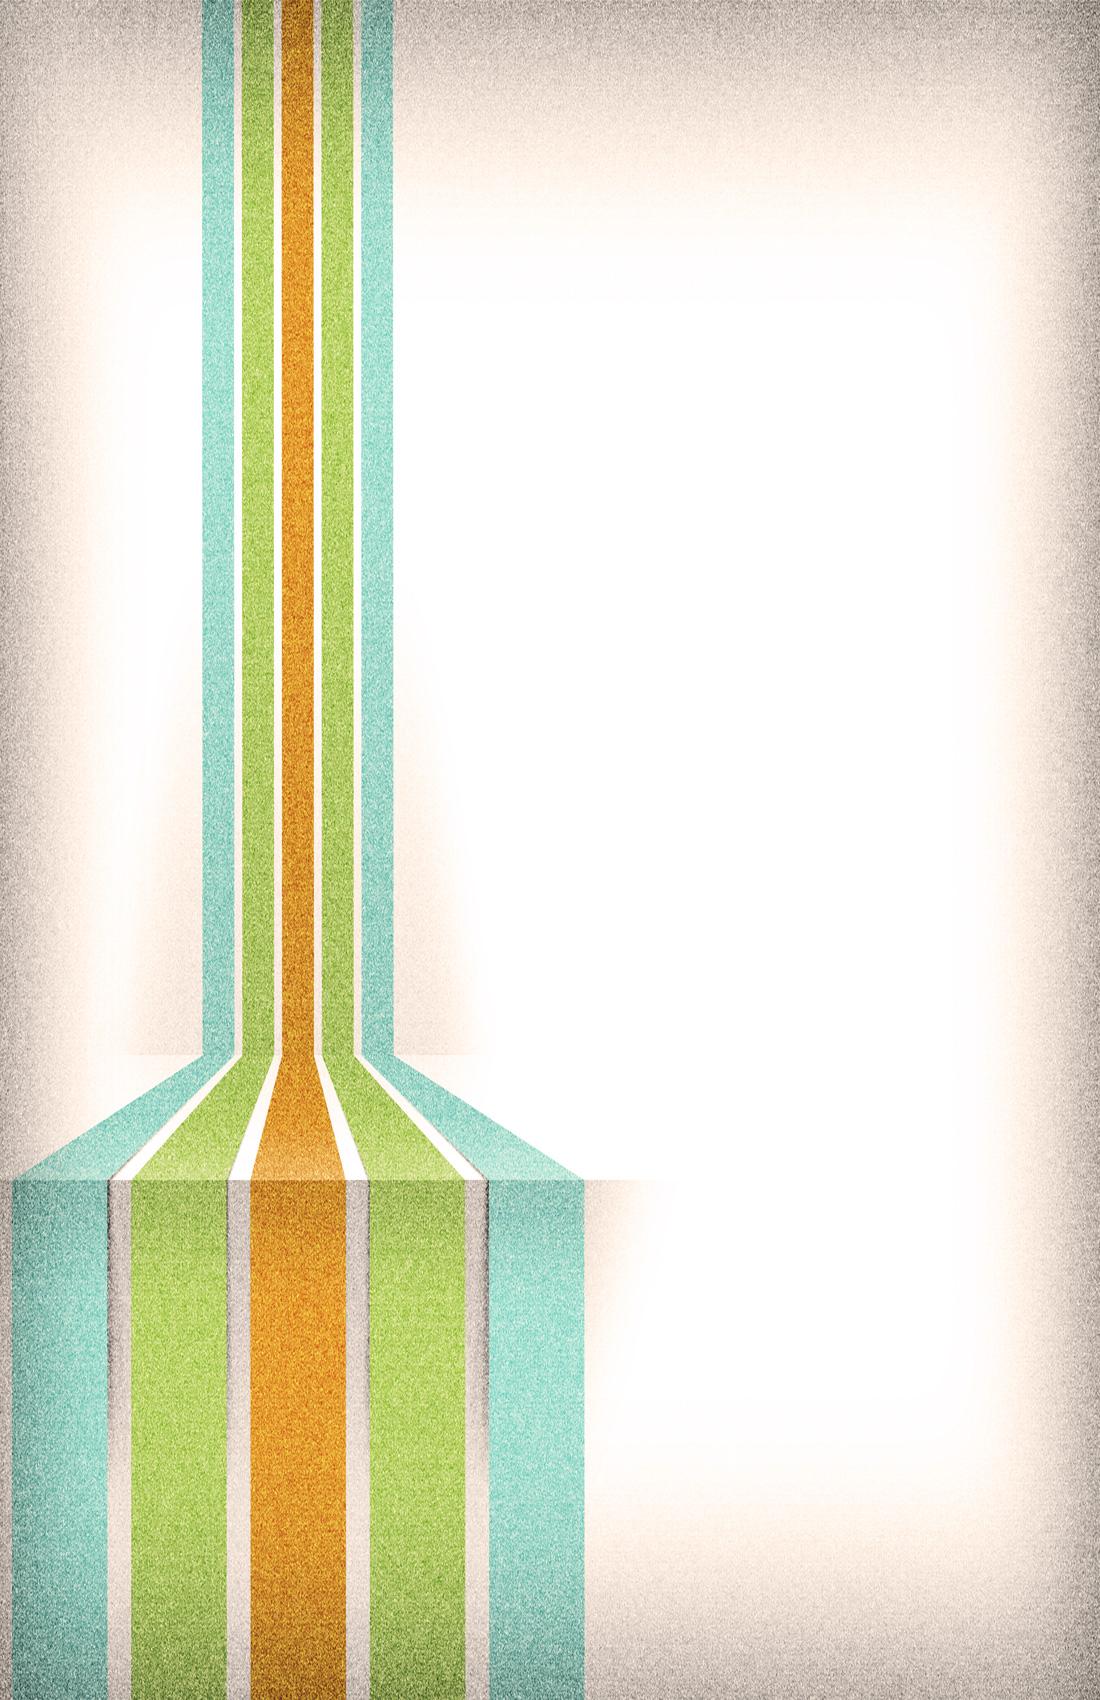 12 Flyer Background Designs Images